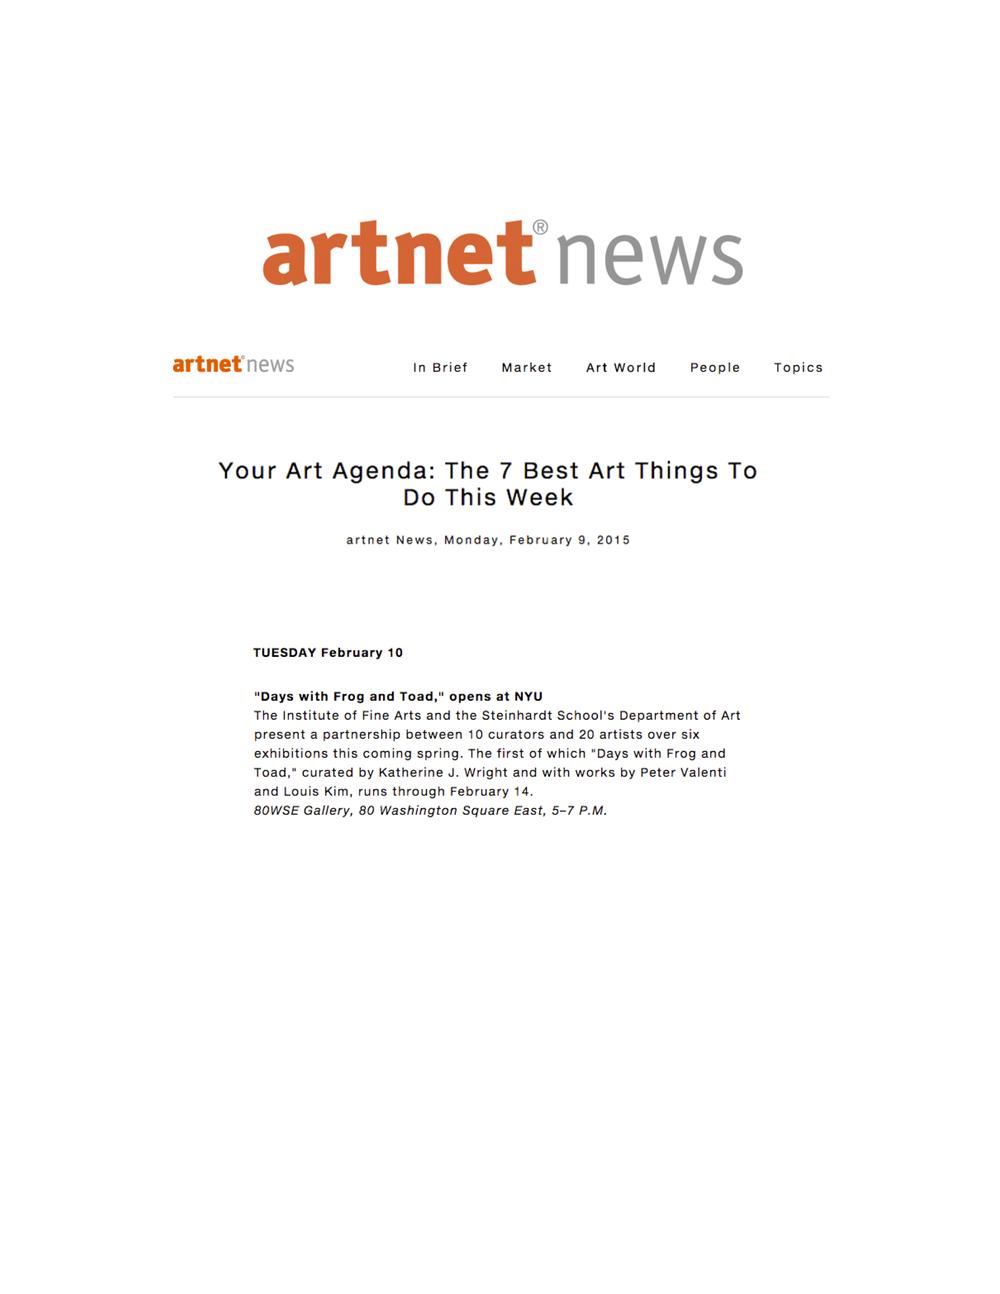 ArtNet News mention, February 9, 2015